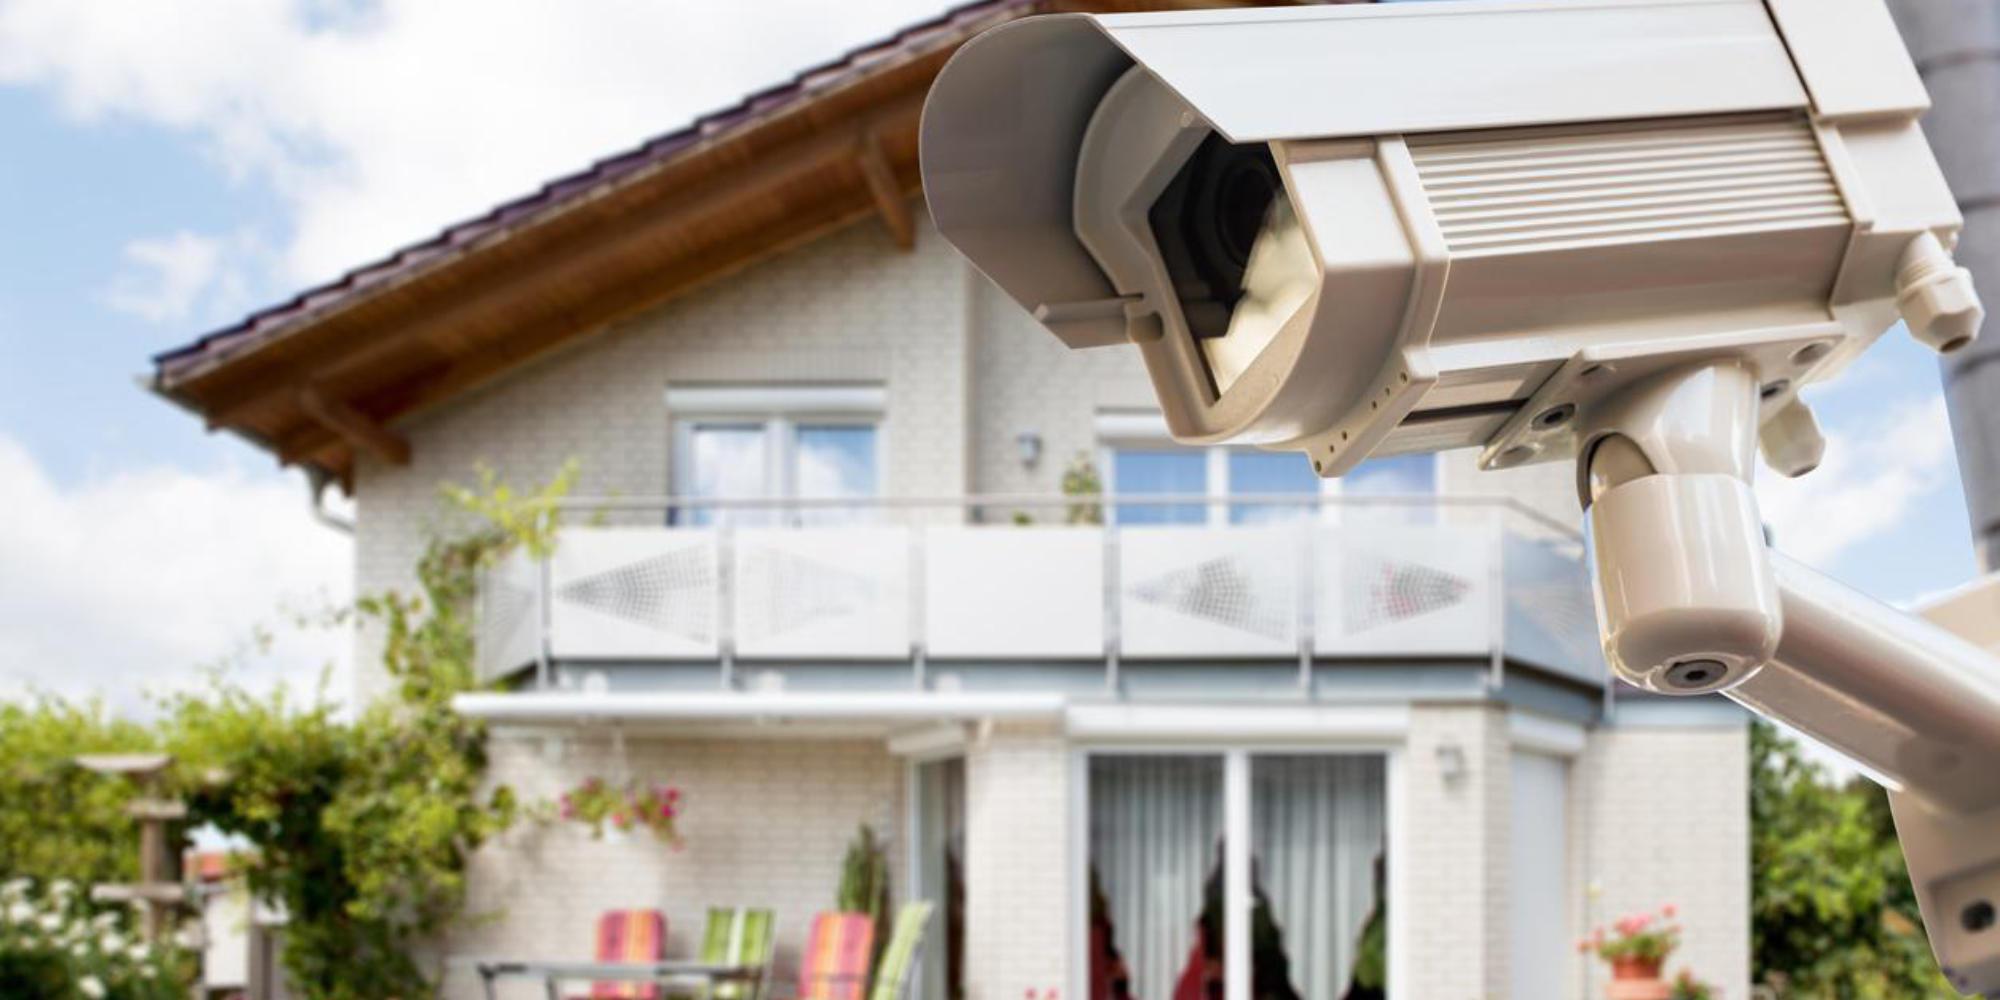 Comment installer un système de surveillance dans une maison?